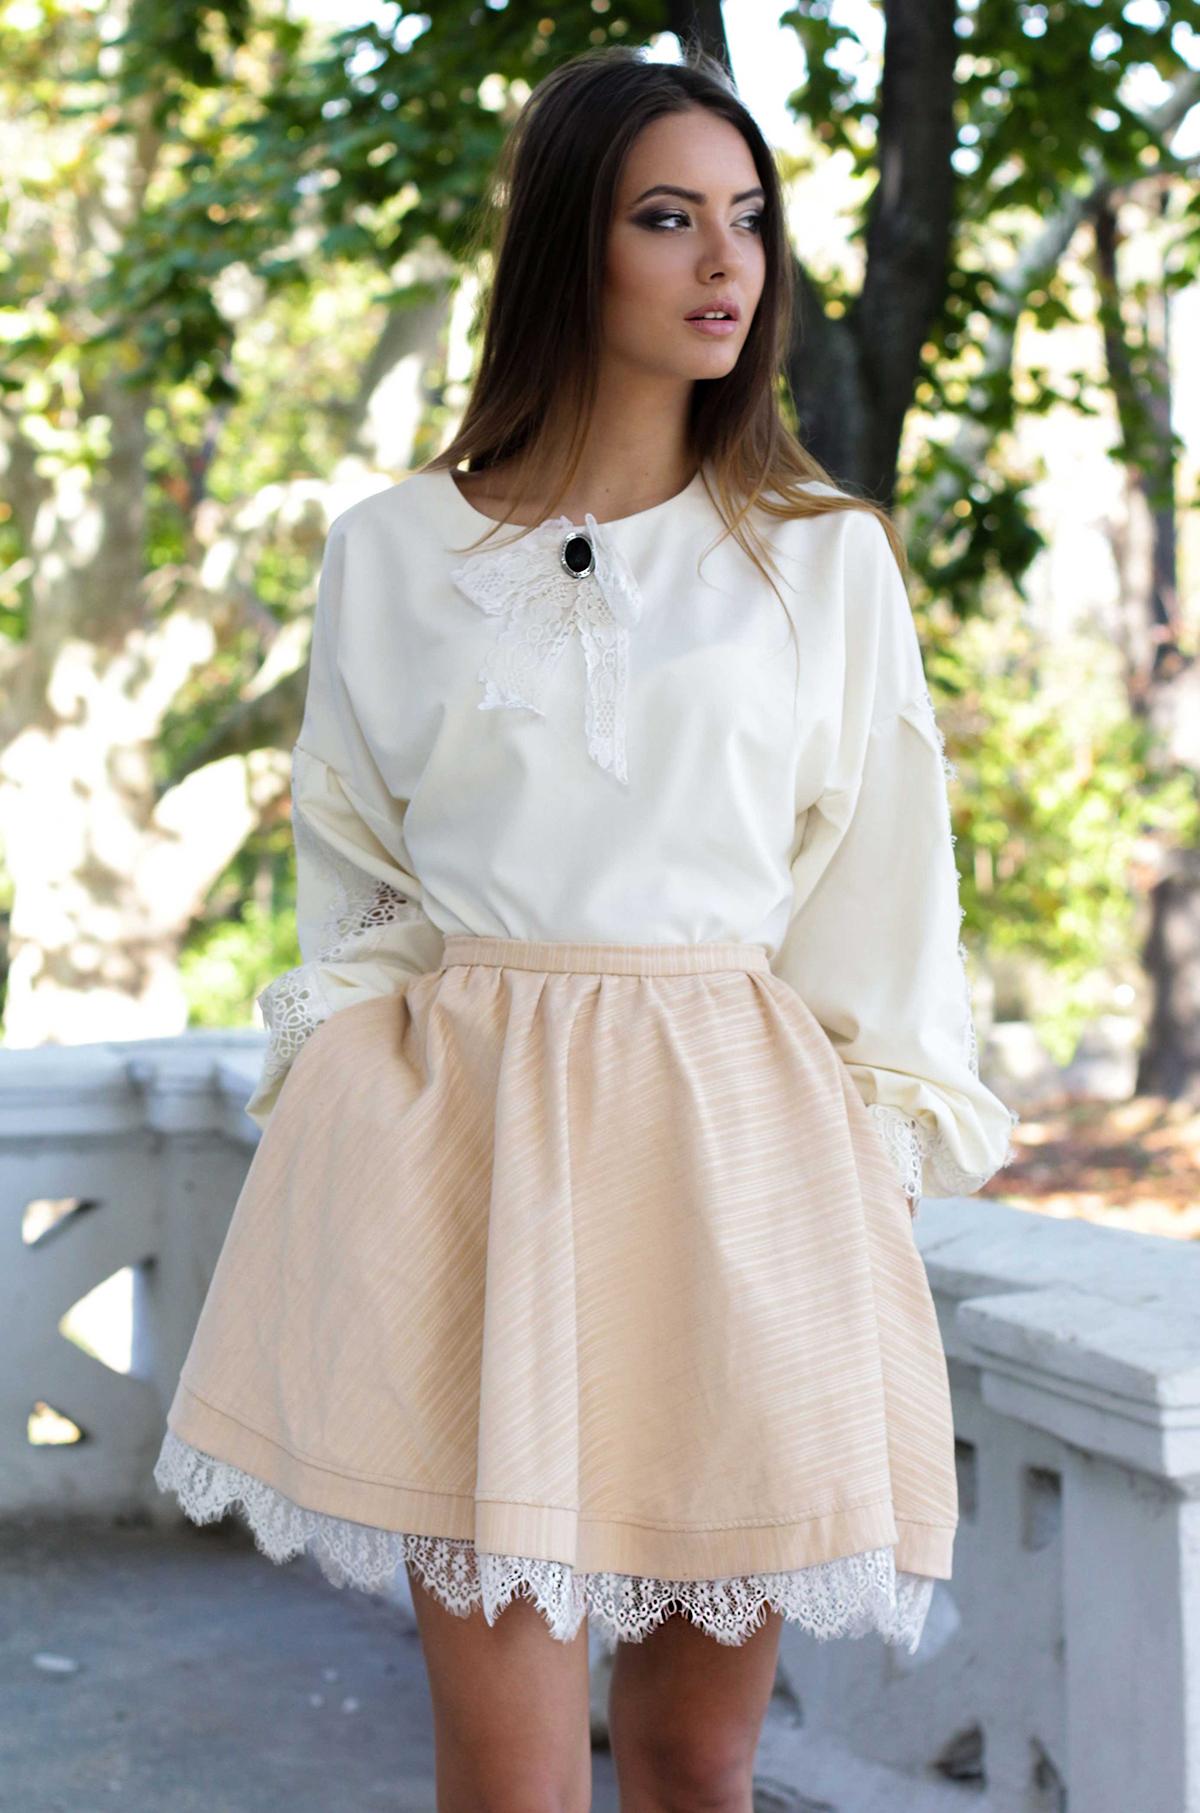 Украшение бежевой юбки тесьмой по низу